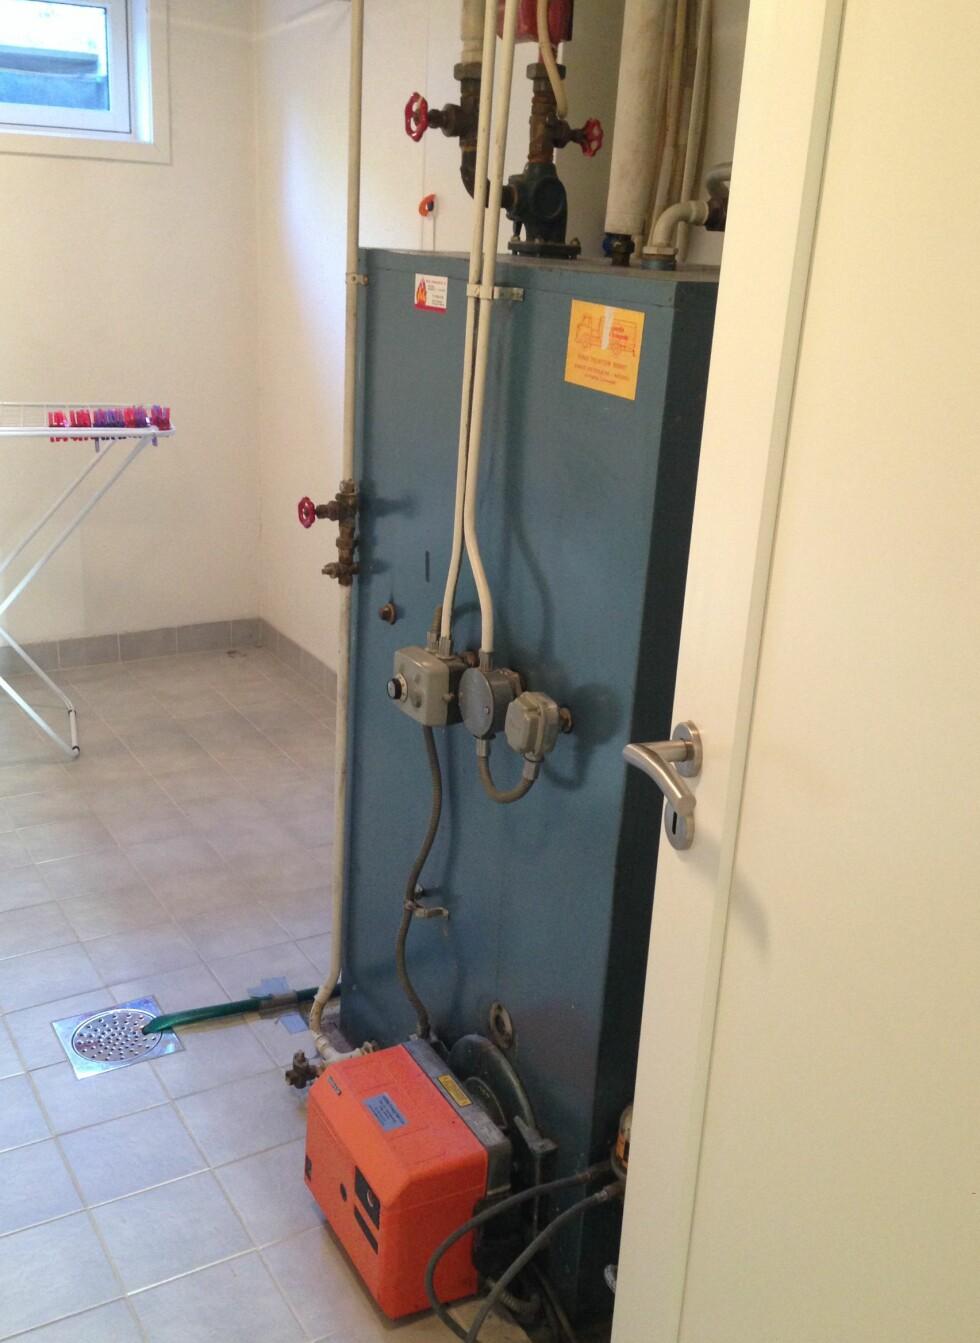 FØR:  Slik så det ut på vaskerommet før de satt i gang med utskiftningen.  Foto: PRIVAT